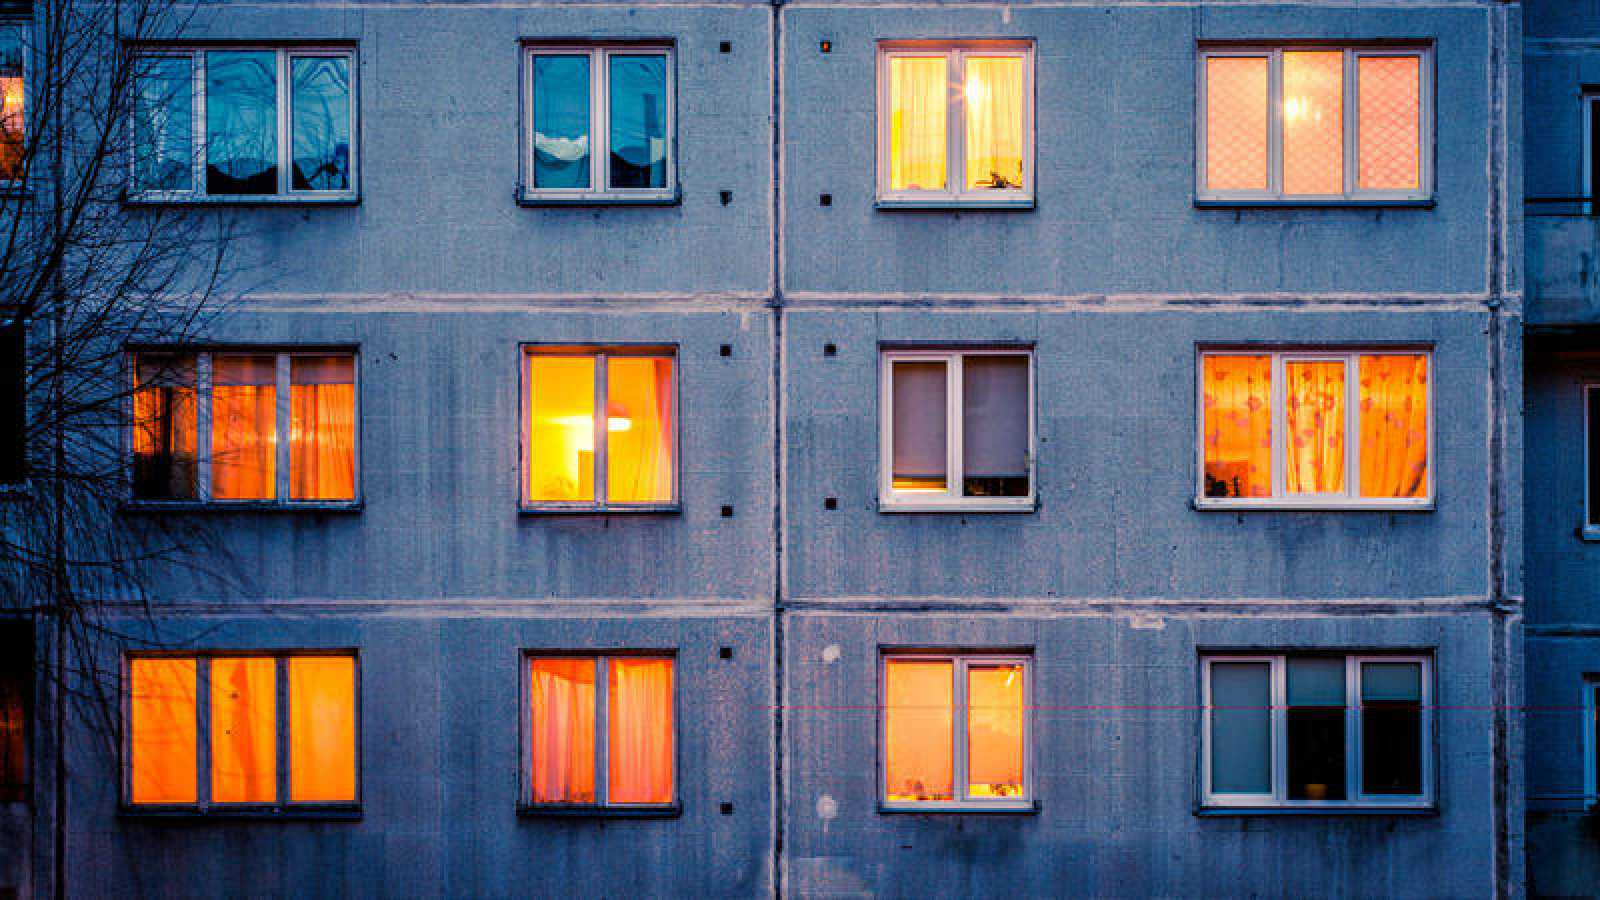 Fachada de un edificio con ventanas iluminadas